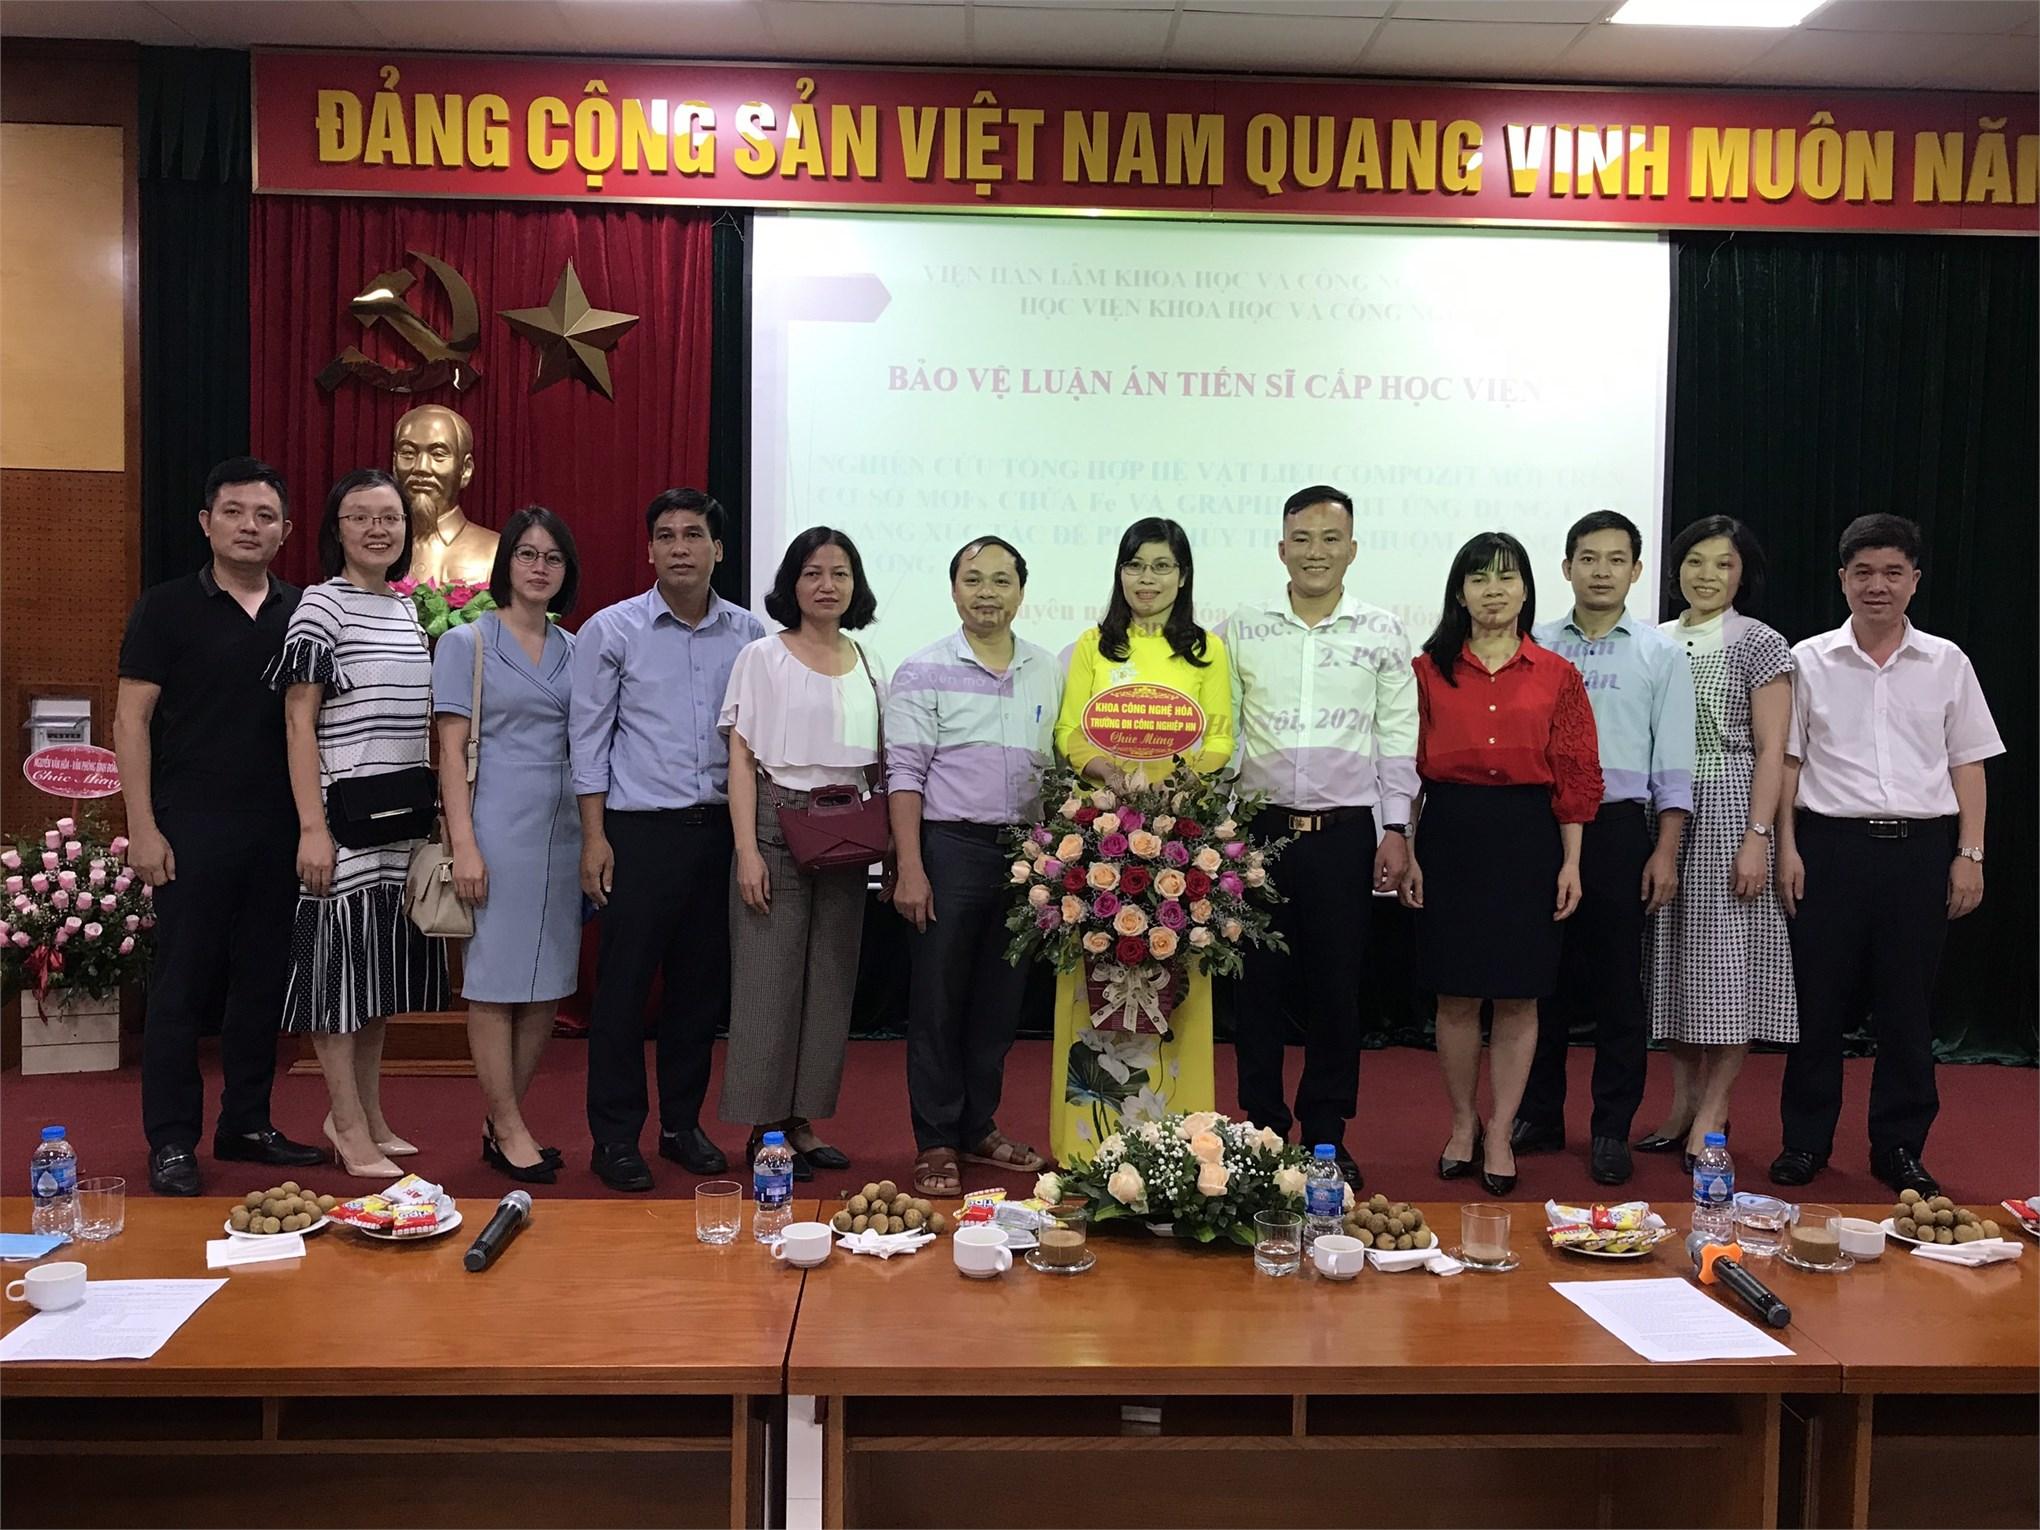 Lễ bảo vệ luận án tiến sĩ của giảng viên - NCS Vũ Thị Hòa